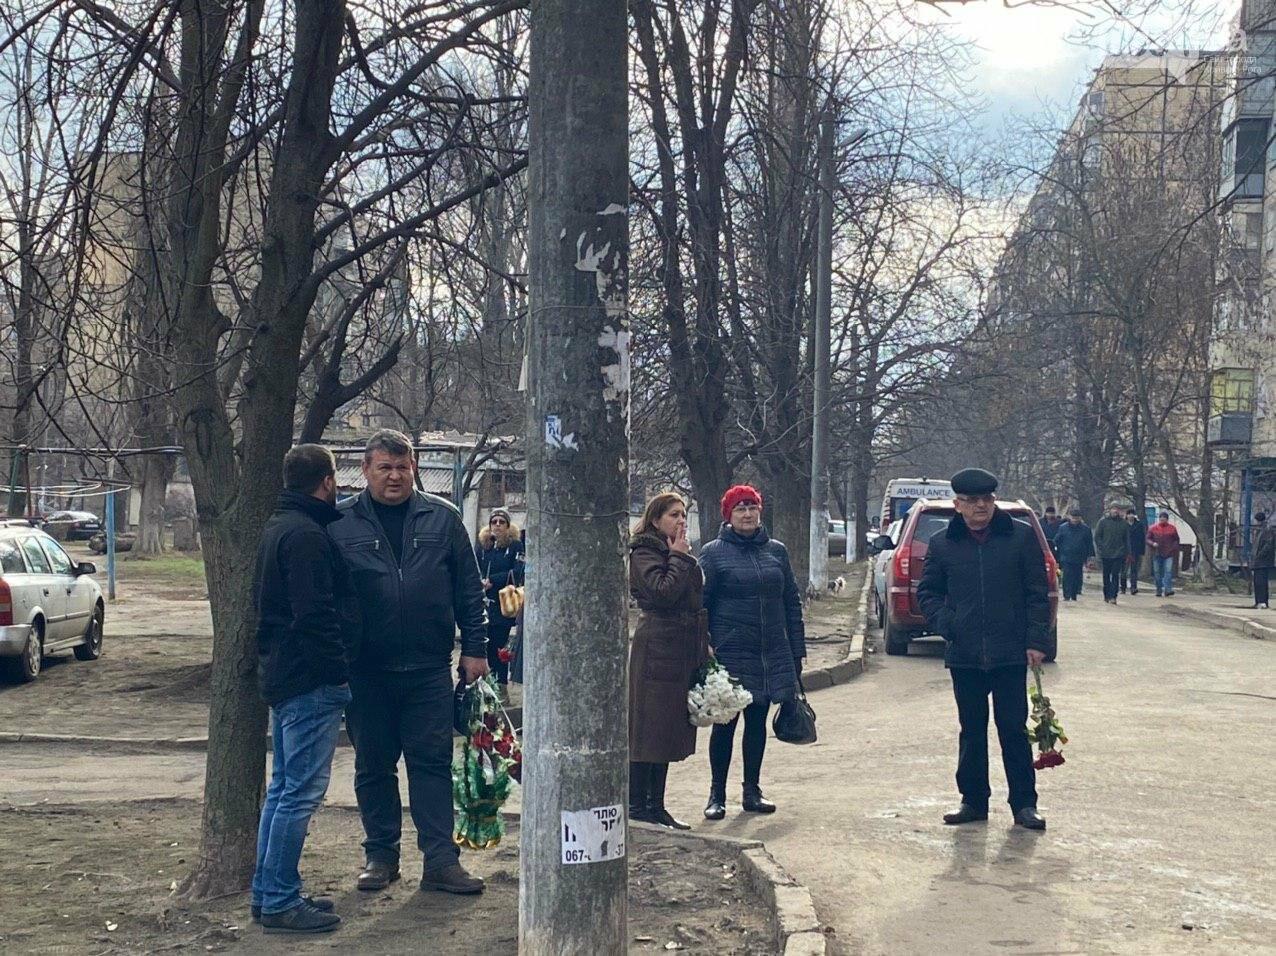 Кривой Рог прощается с патриотом - волонтером Андреем Садыло, - ФОТО, ВИДЕО, фото-14